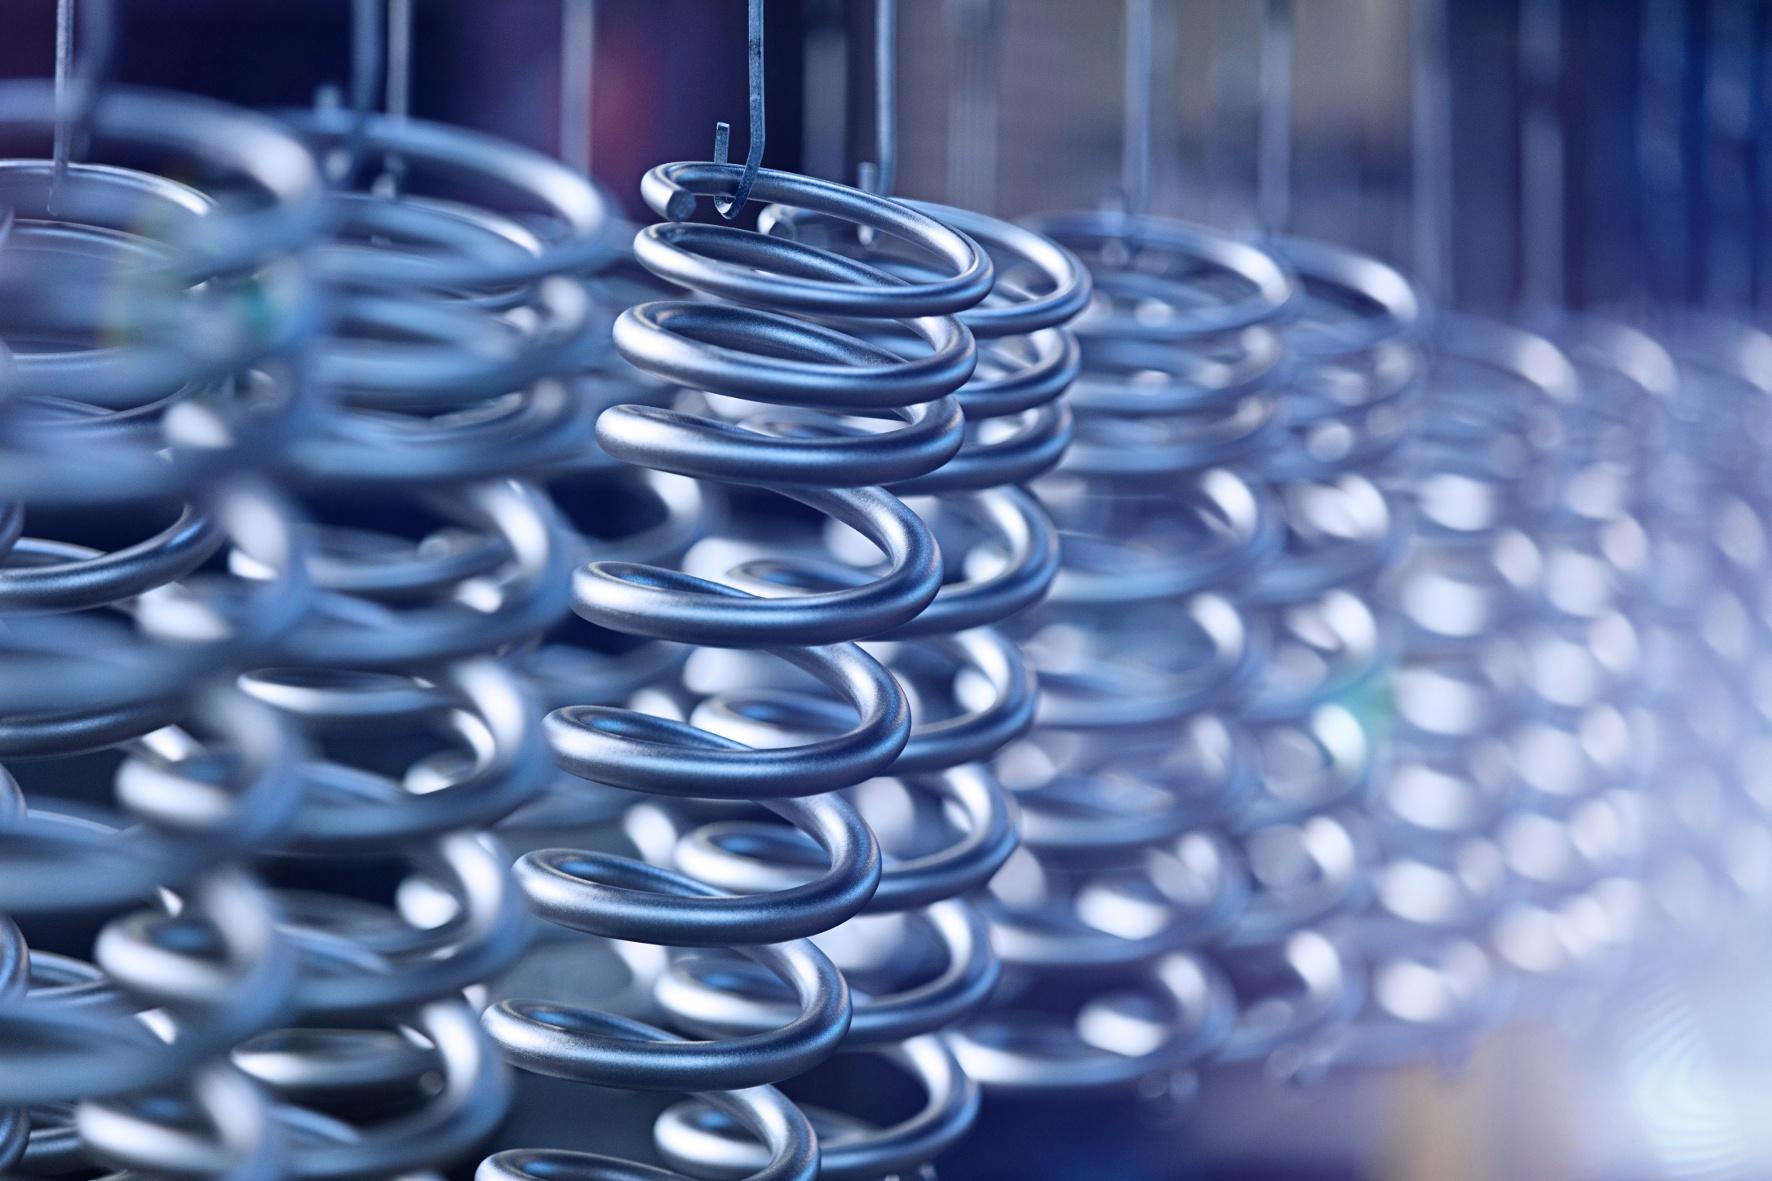 Deutscher Hersteller will in einem neuen Werk in China ab 2018 zusätzlich fünf Millionen Federn und Stabilisatoren für Autos produzieren. © thyssenkrupp /TRD Pressedienst